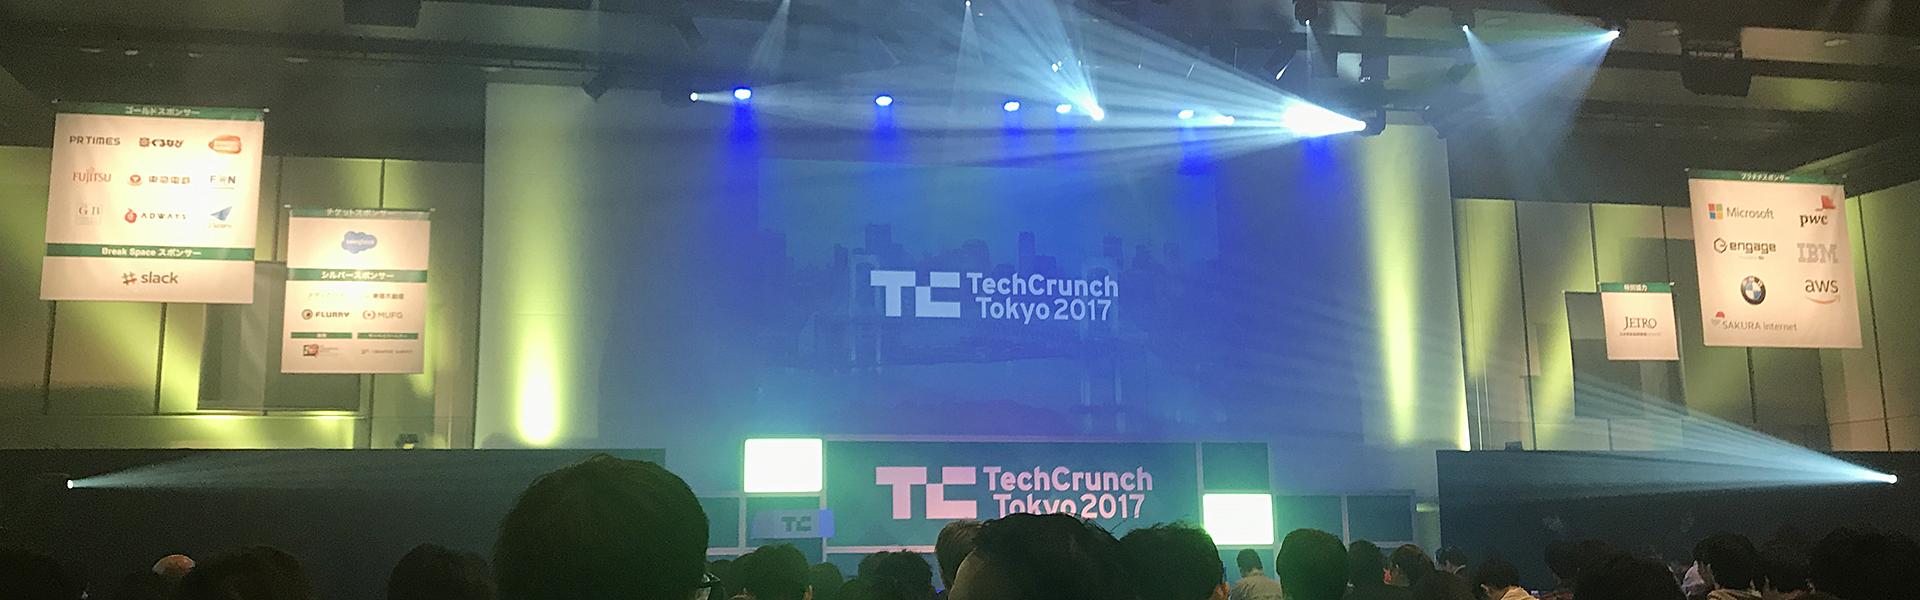 TechCrunch Tokyo 2017 会場写真